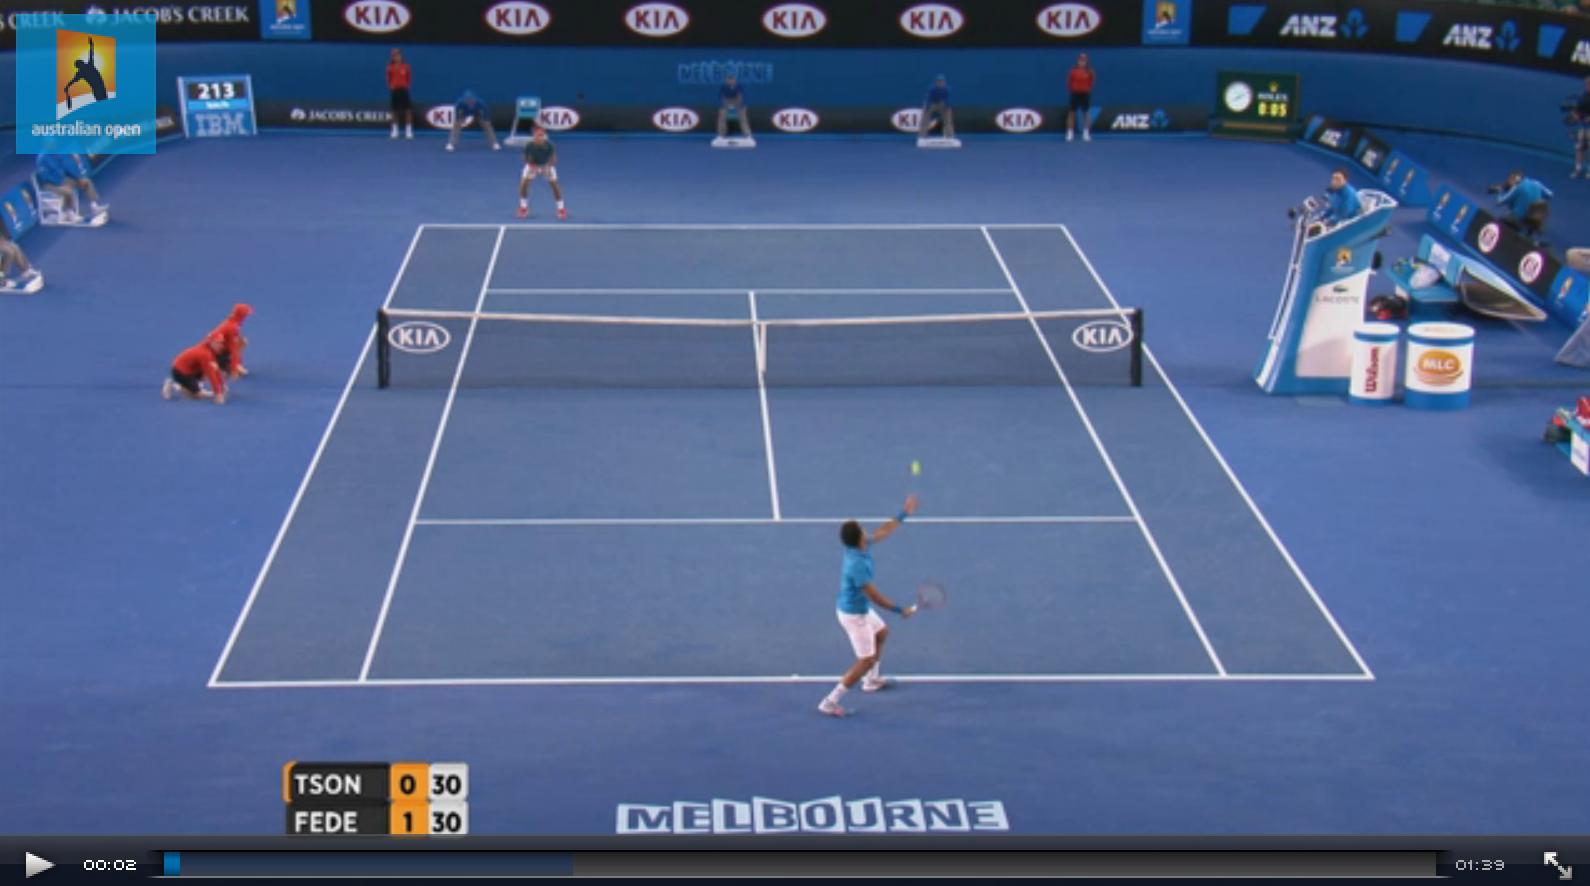 Roger Federer 2014 Australian Open 4th Round Highlights